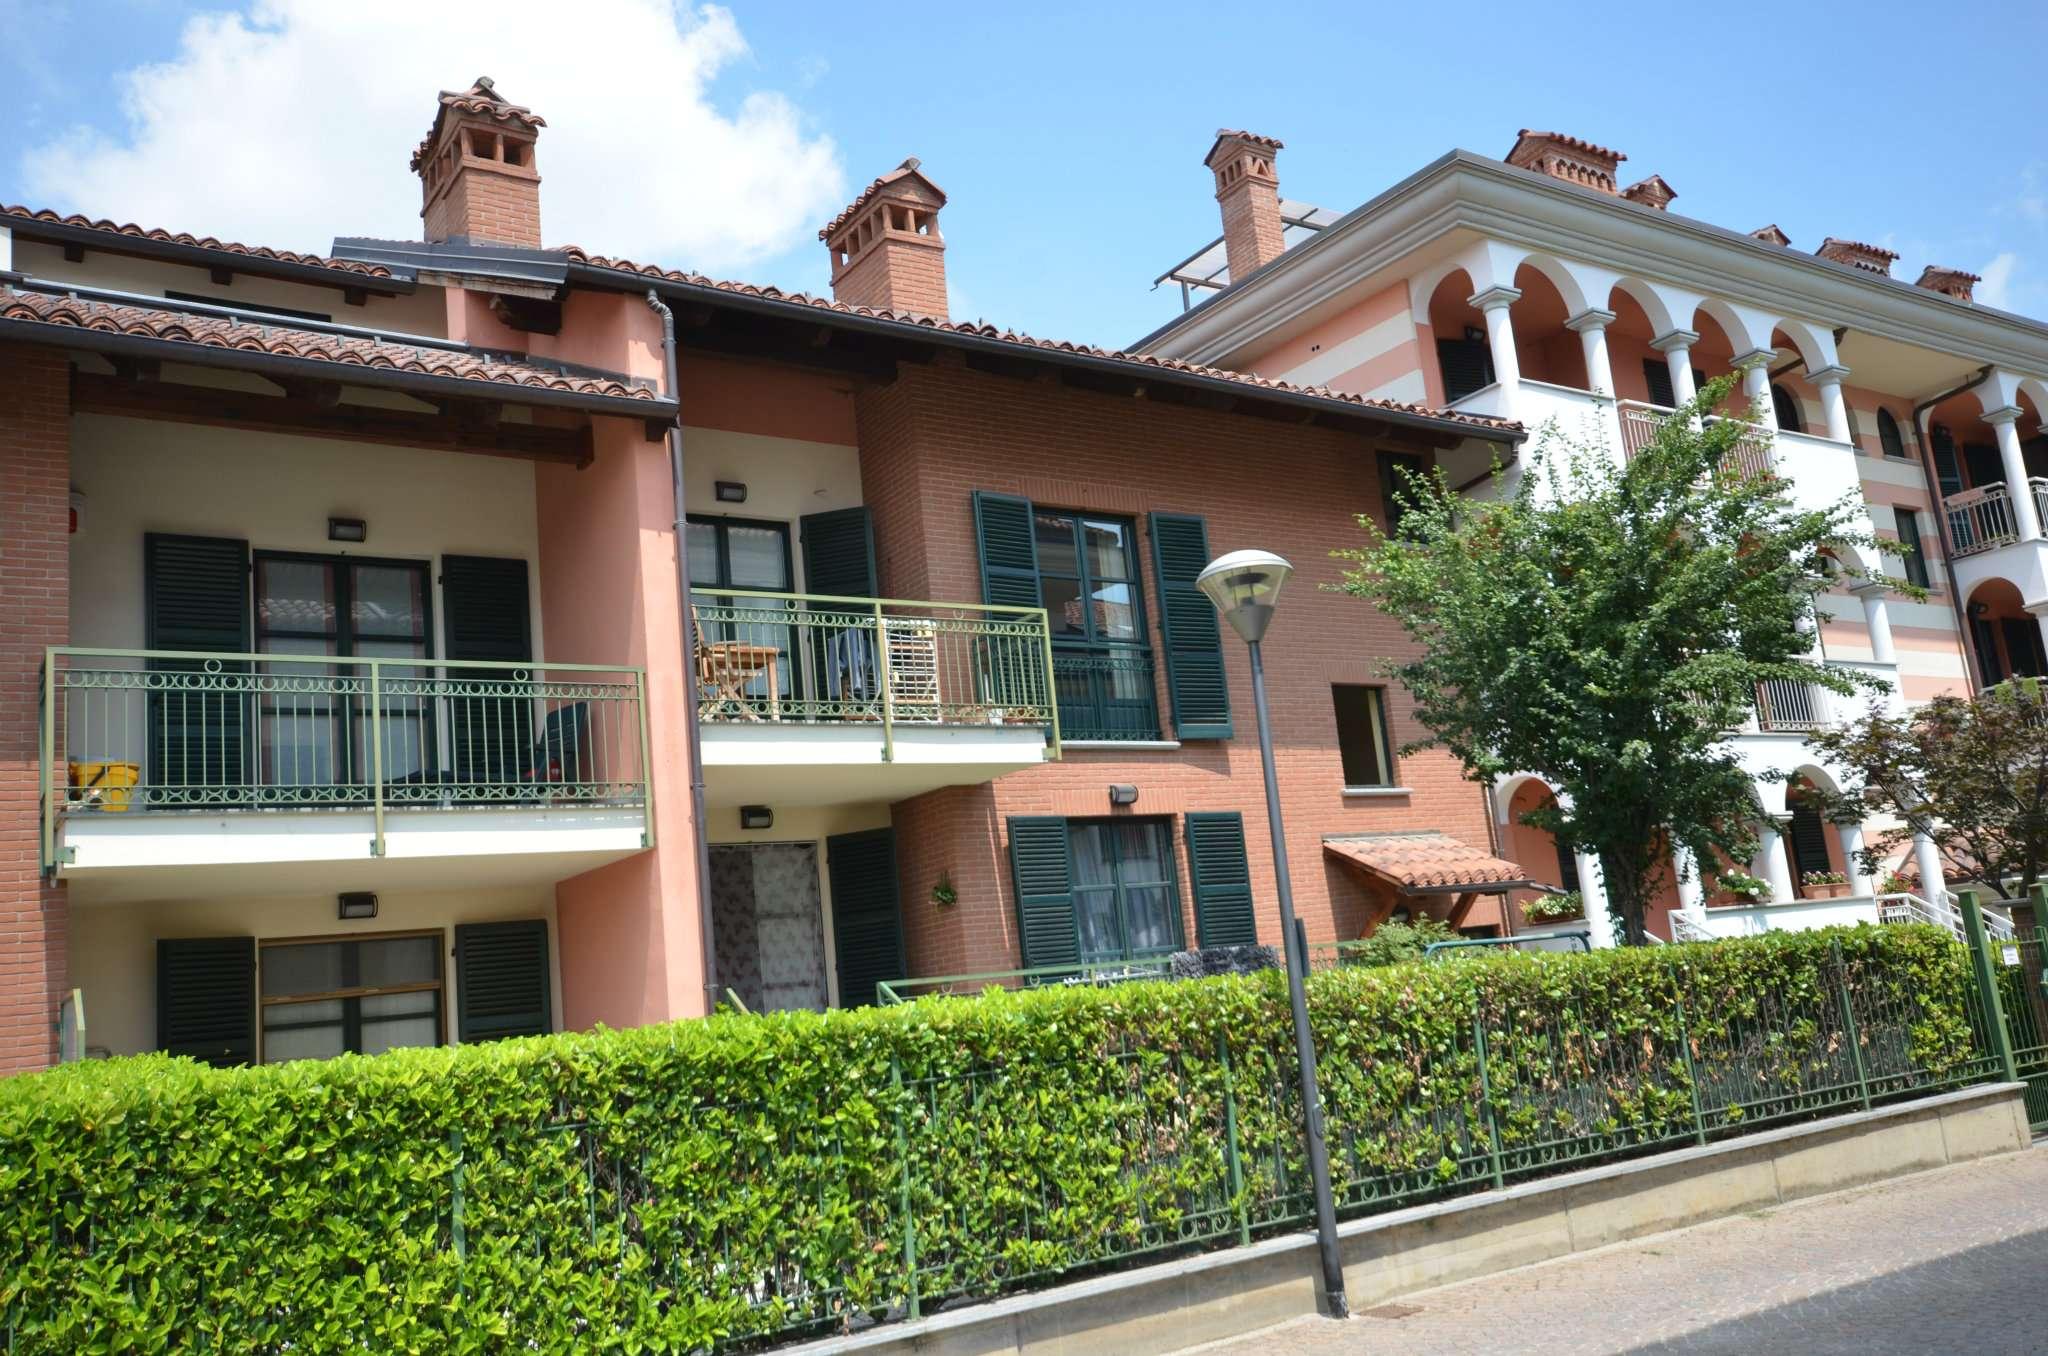 Appartamento in vendita a Centallo, 4 locali, prezzo € 210.000 | CambioCasa.it